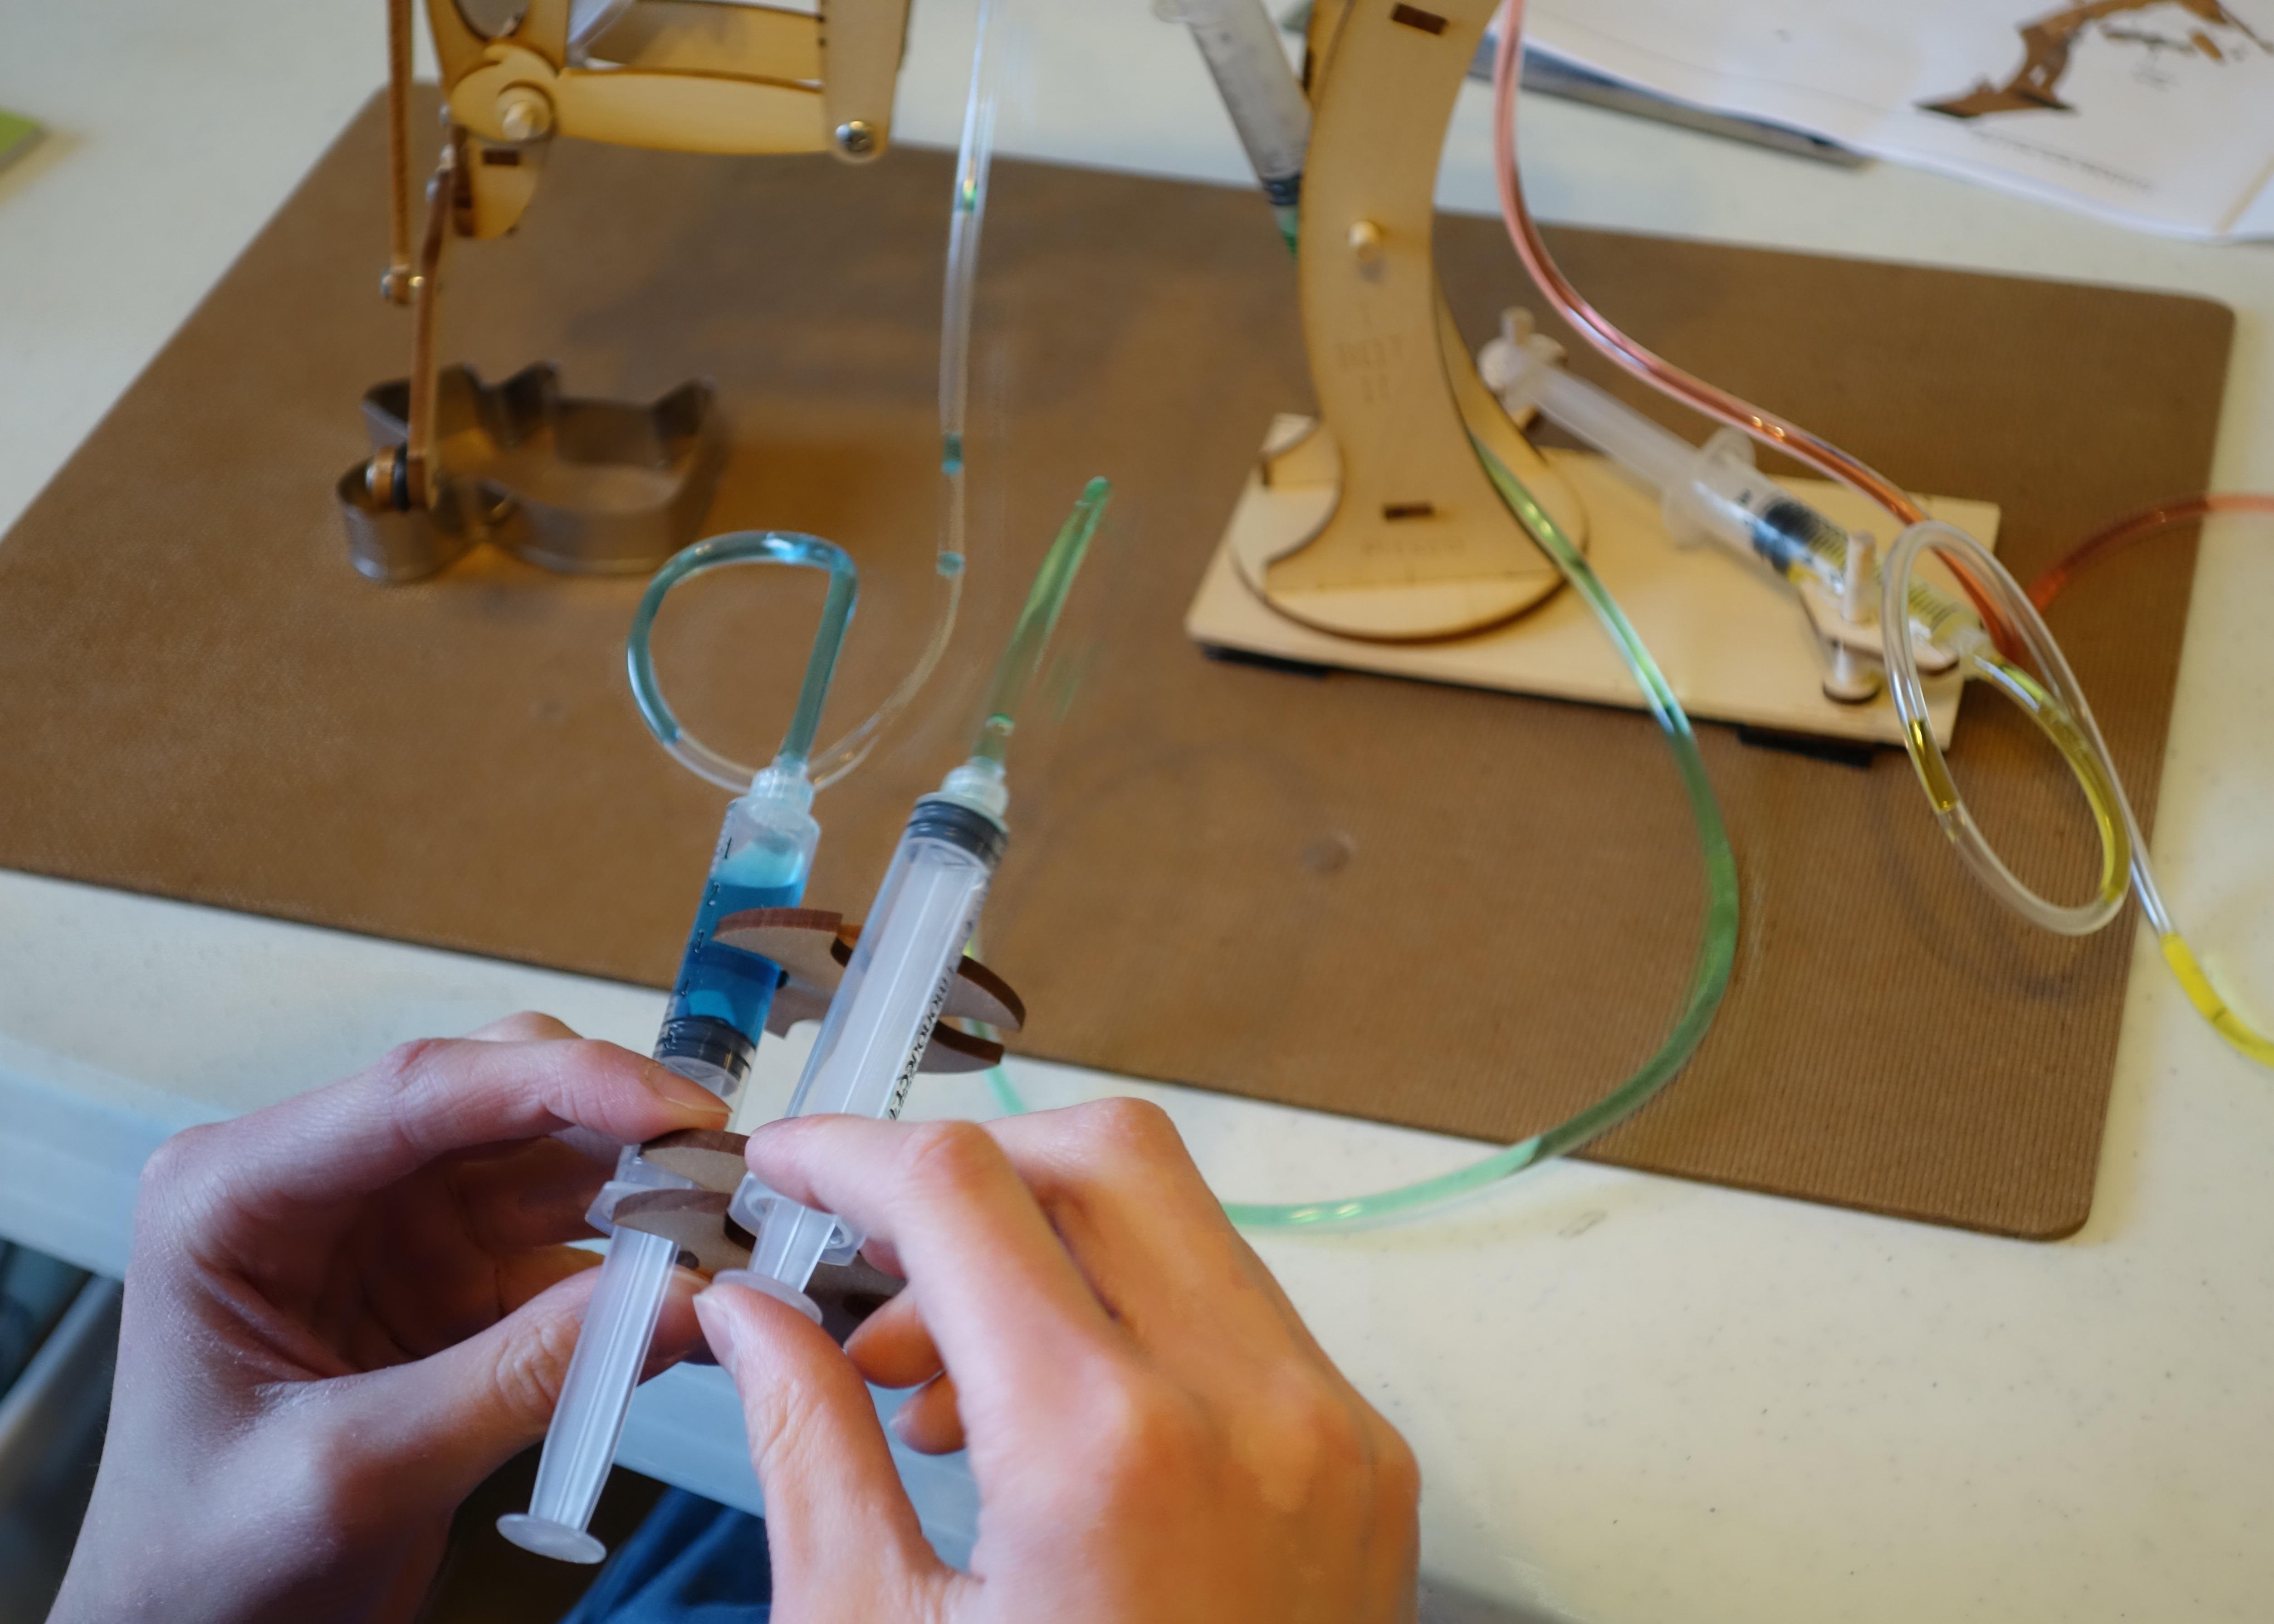 Homemade Hydraulic Arm Design : Hydraulic arm kit diy